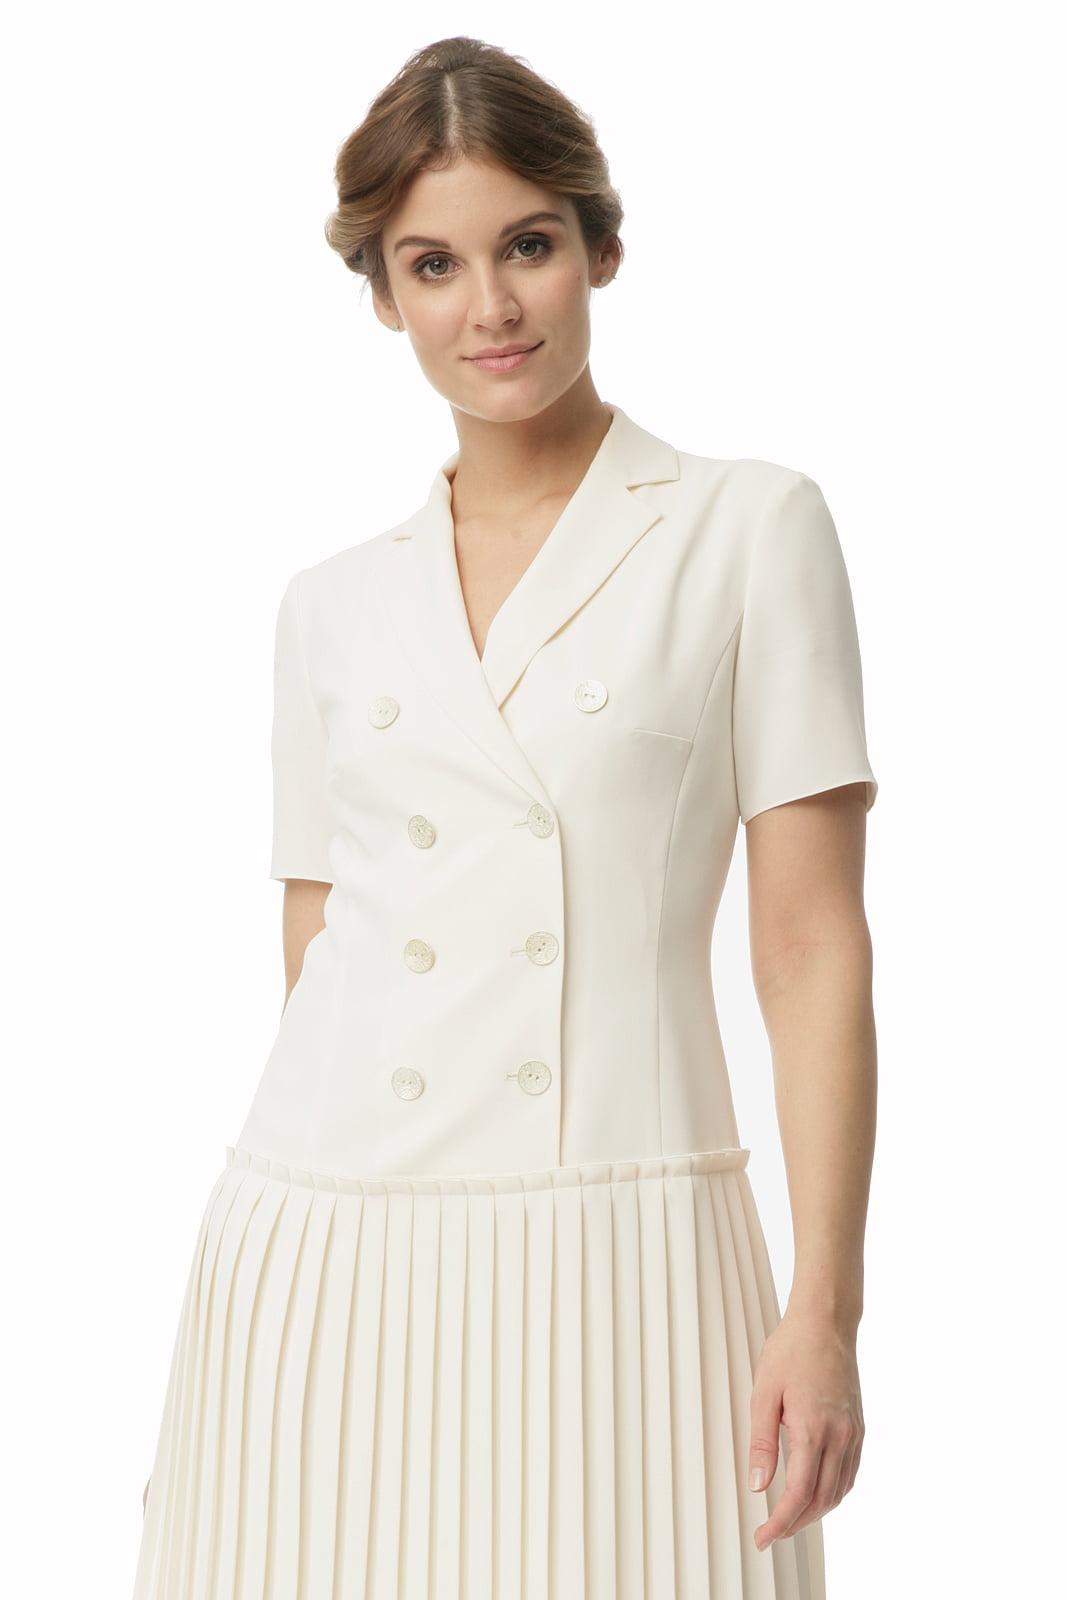 b2cc09a7f7 Kremowa sukienka z plisowaniem o długości midi Halina - Modesta ...